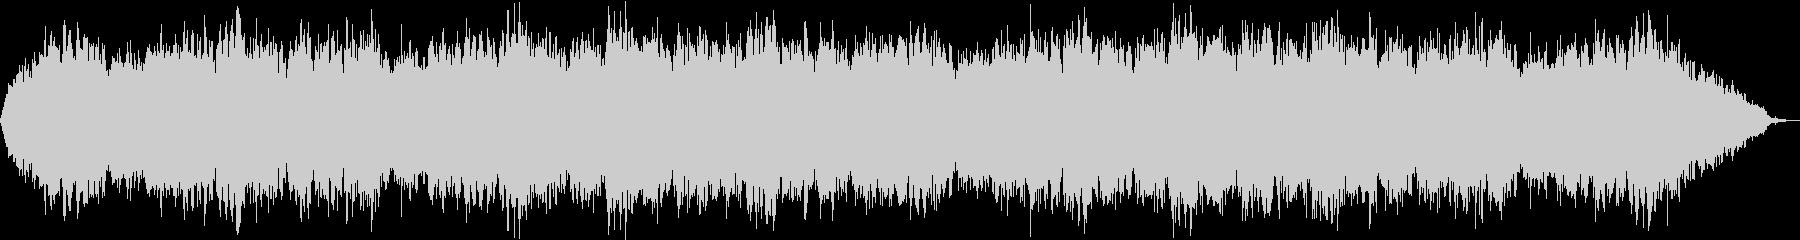 自然音と 癒されるスピリチュアルBGMの未再生の波形